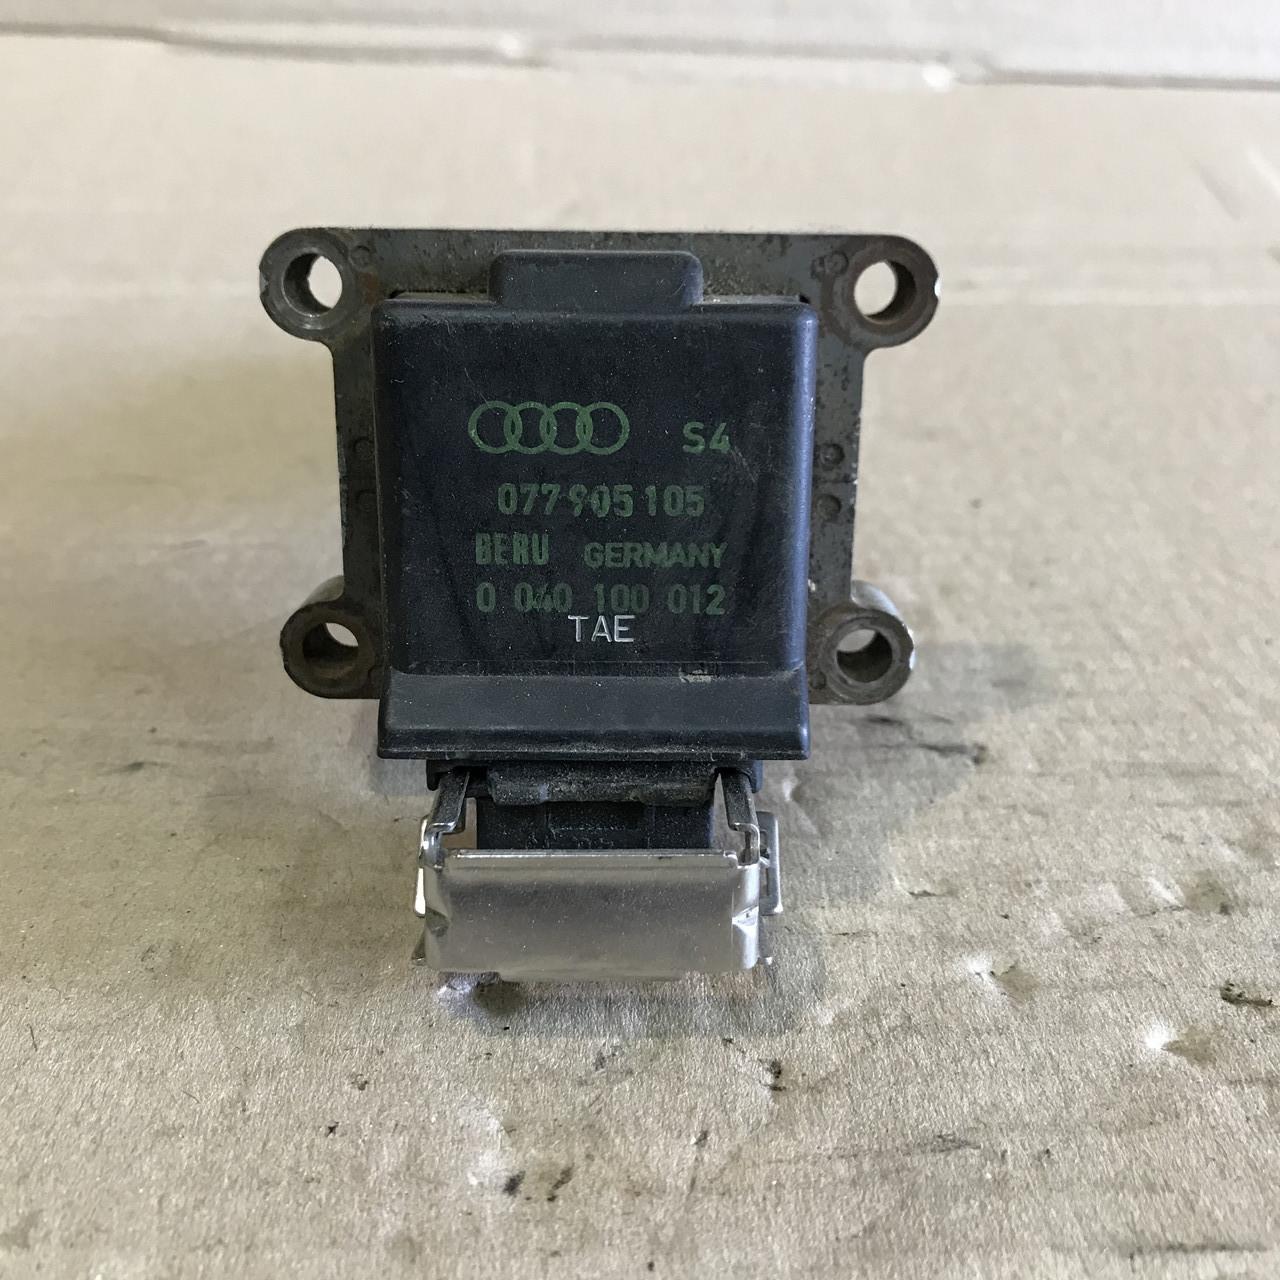 077905105 Катушка зажигання на Audi A6 / A8 4.2 BERU